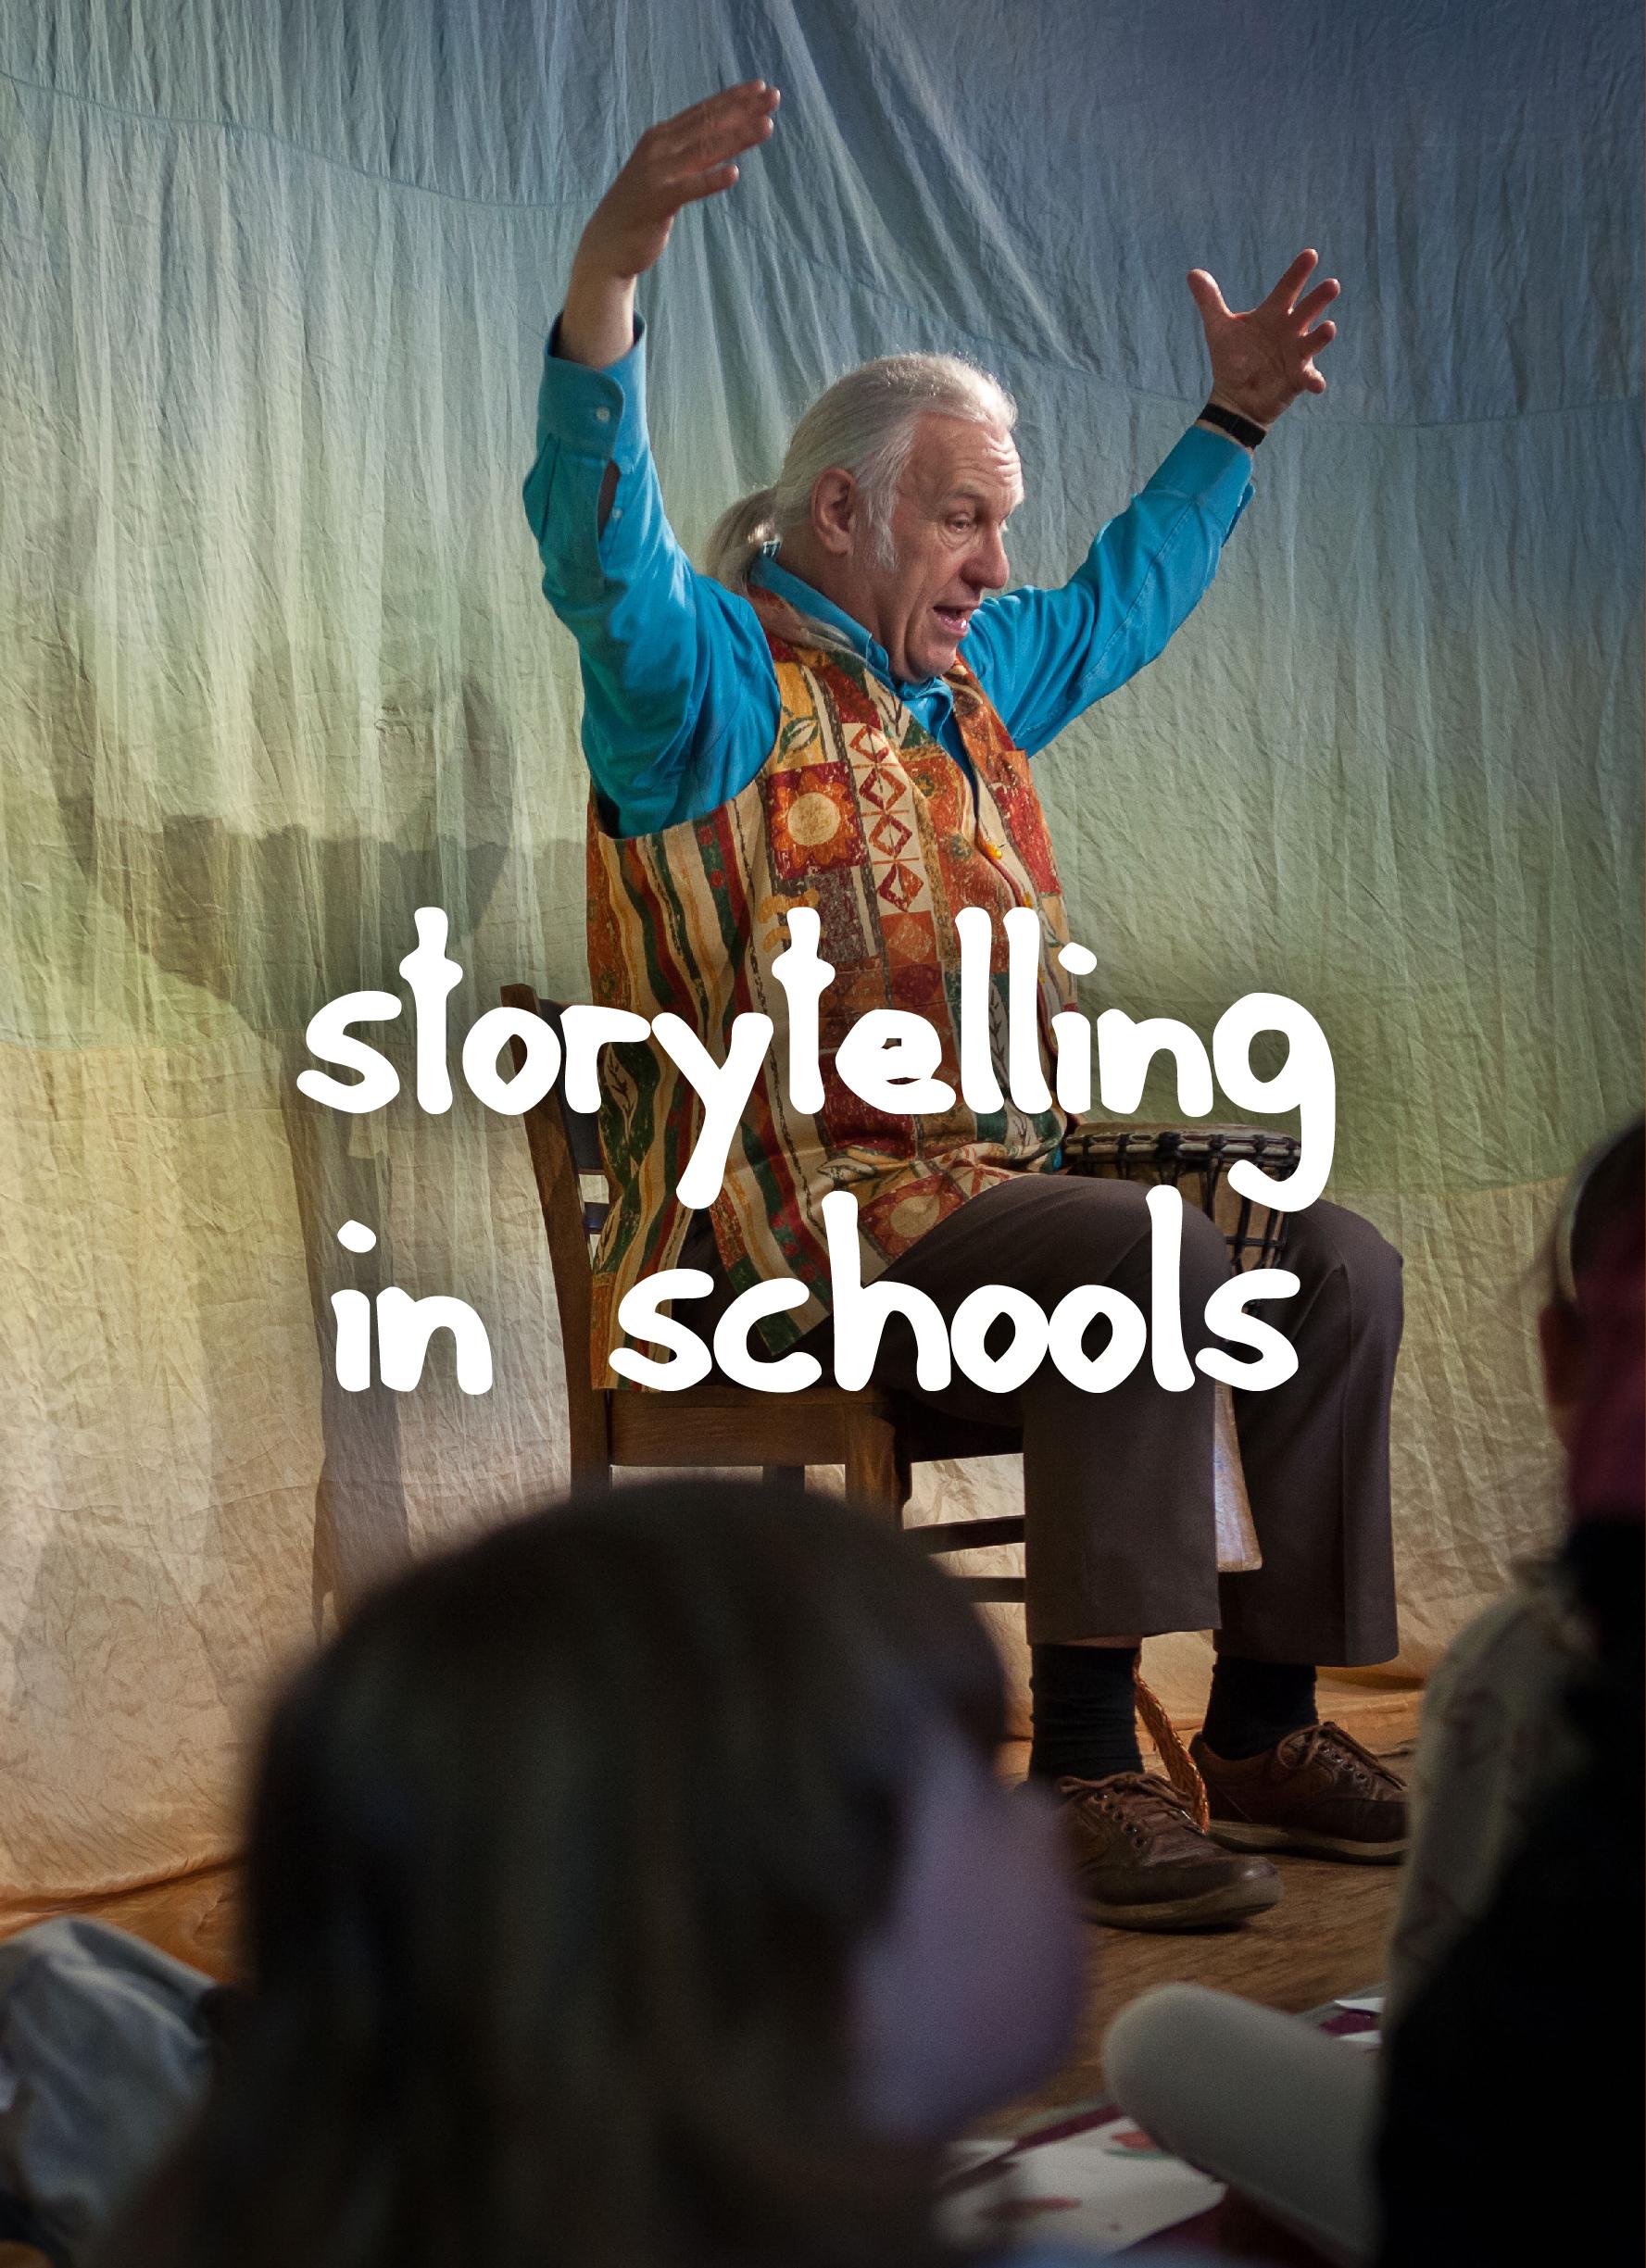 Storytelling in Schools